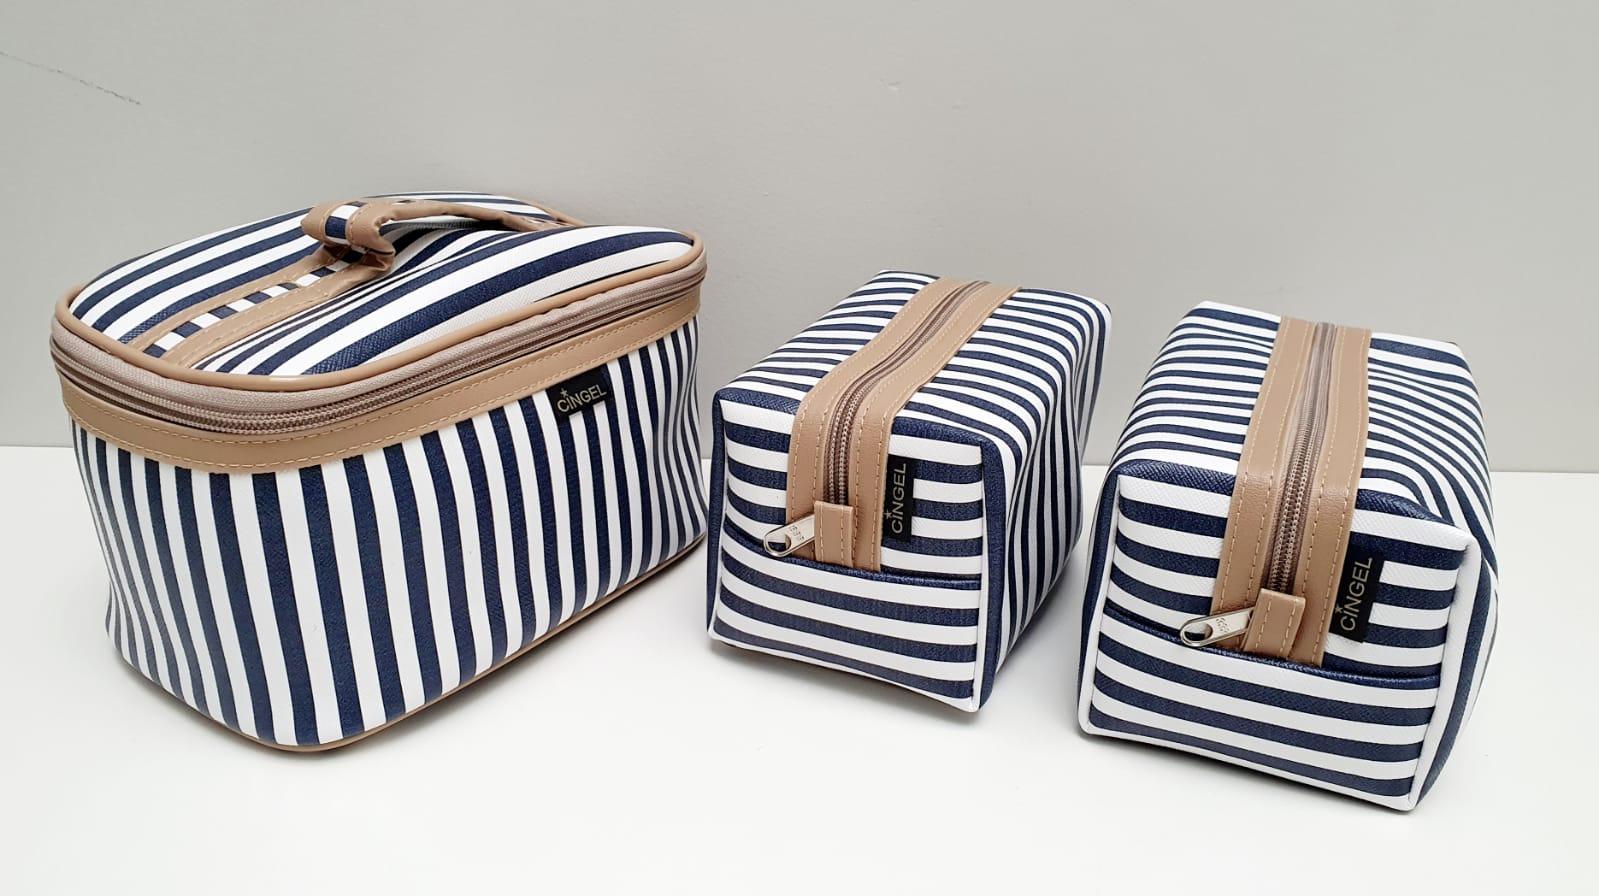 kit - Necessarie Elegance listrada azul marinho e branco - 3 peças